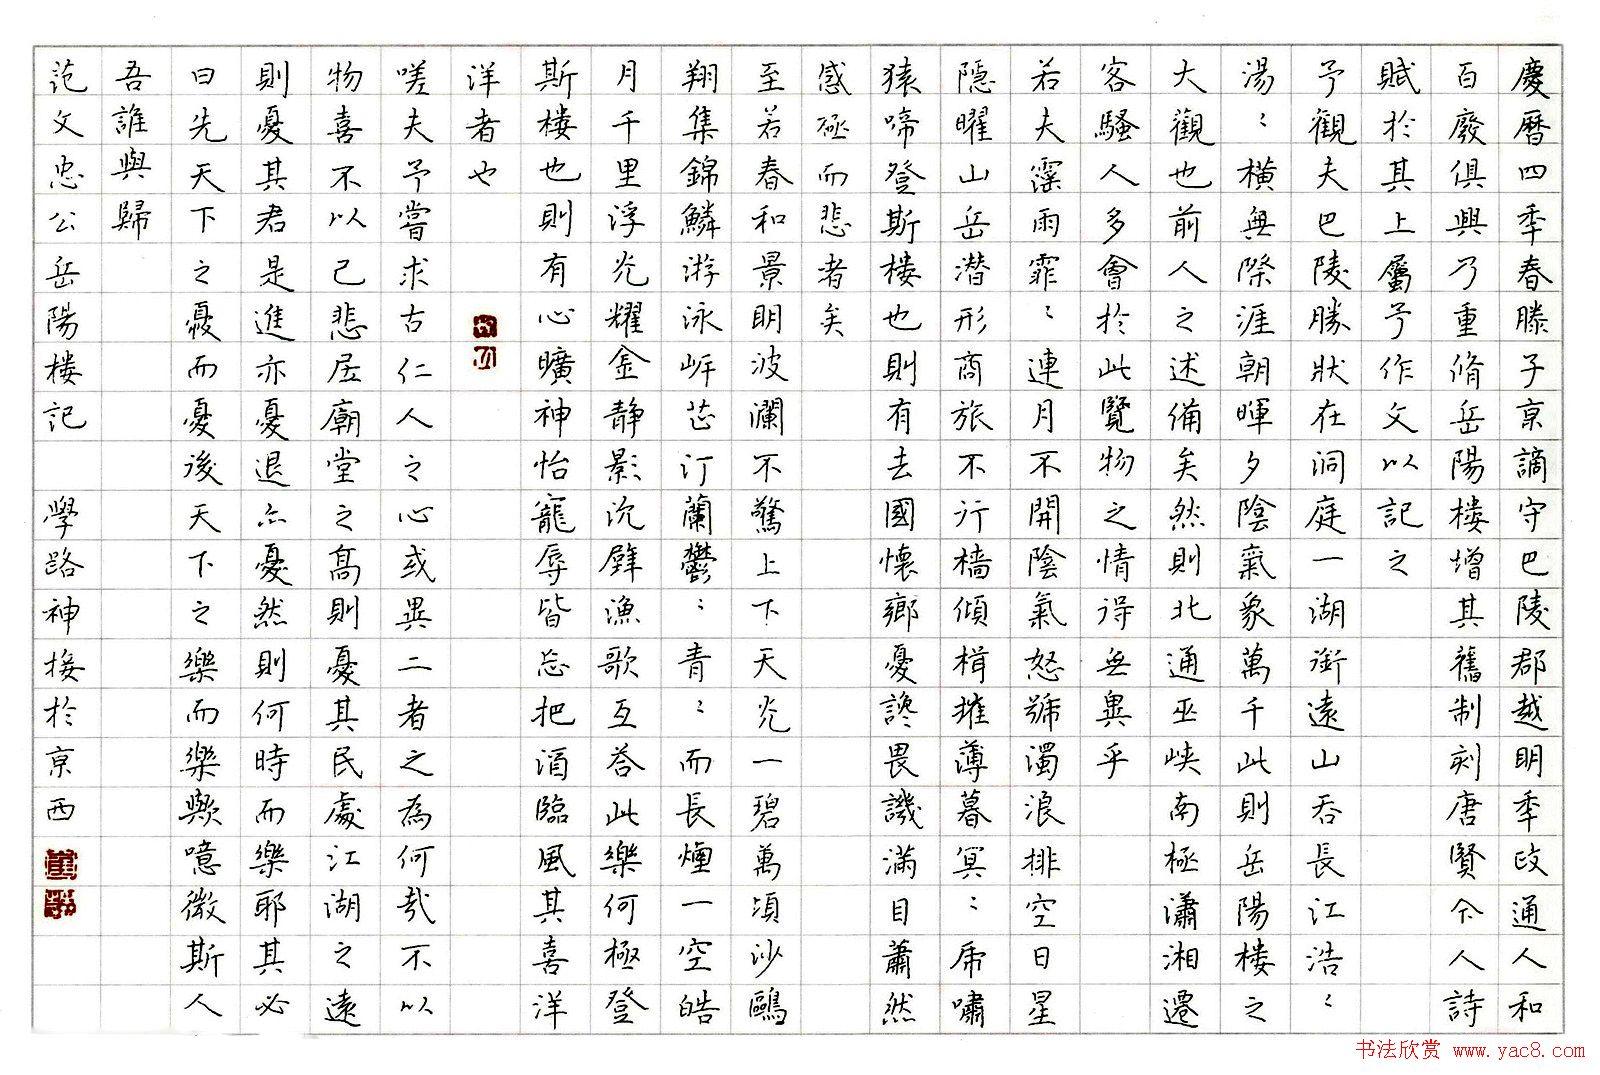 名家硬笔书法欣赏《岳阳楼记》作品辑图片